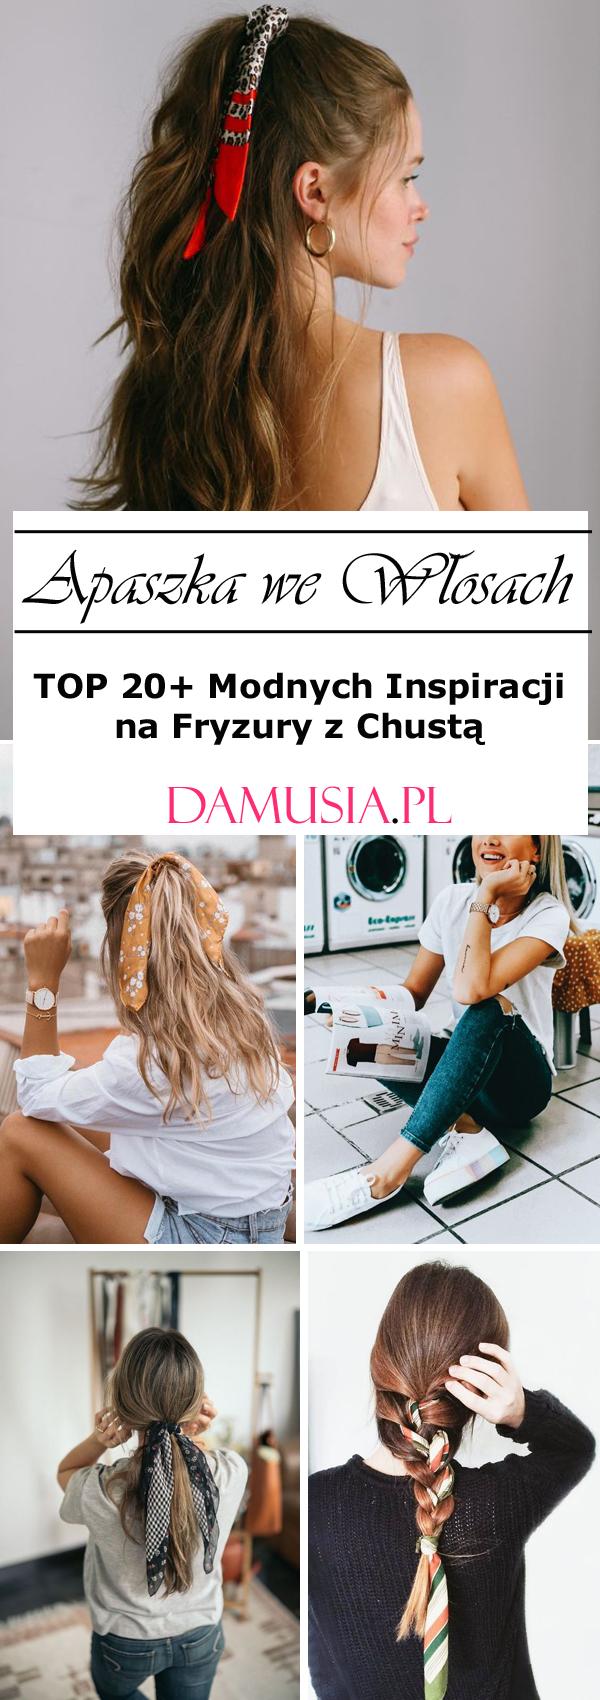 Apaszka We Włosach Top 20 Modnych Inspiracji Na Fryzury Z